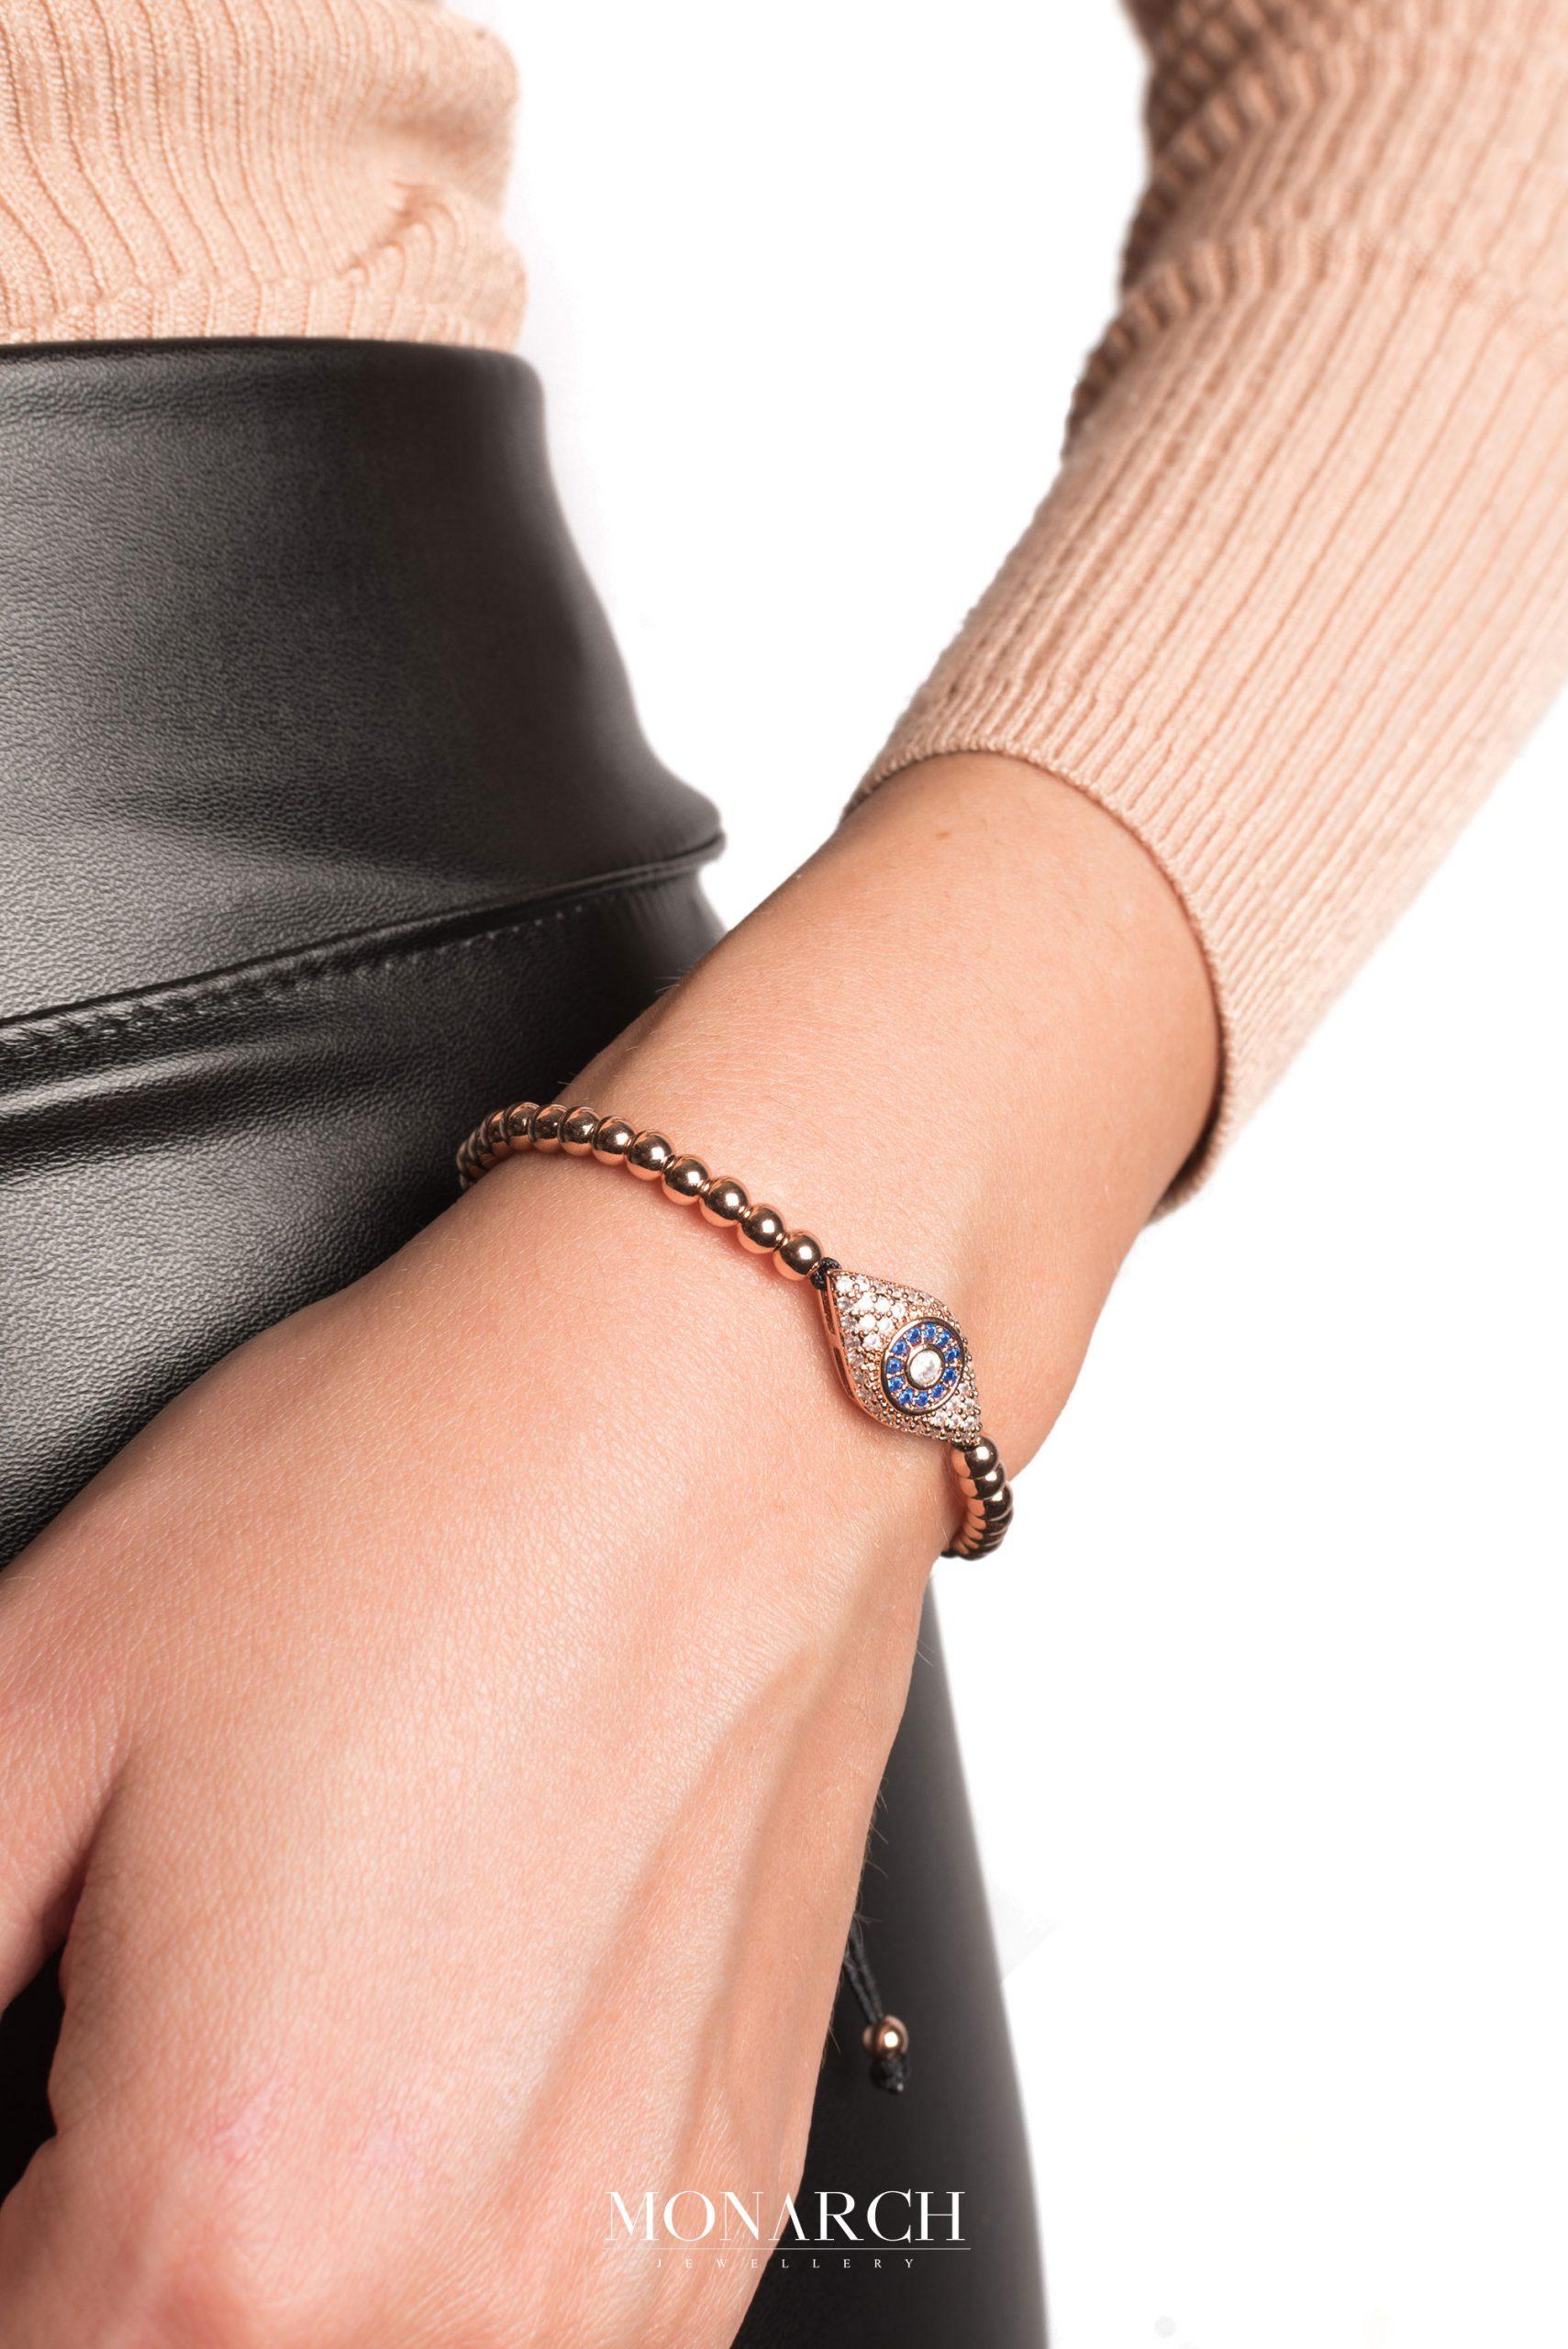 Monarch Jewellery Luxury Bracelet MA39GREVE women